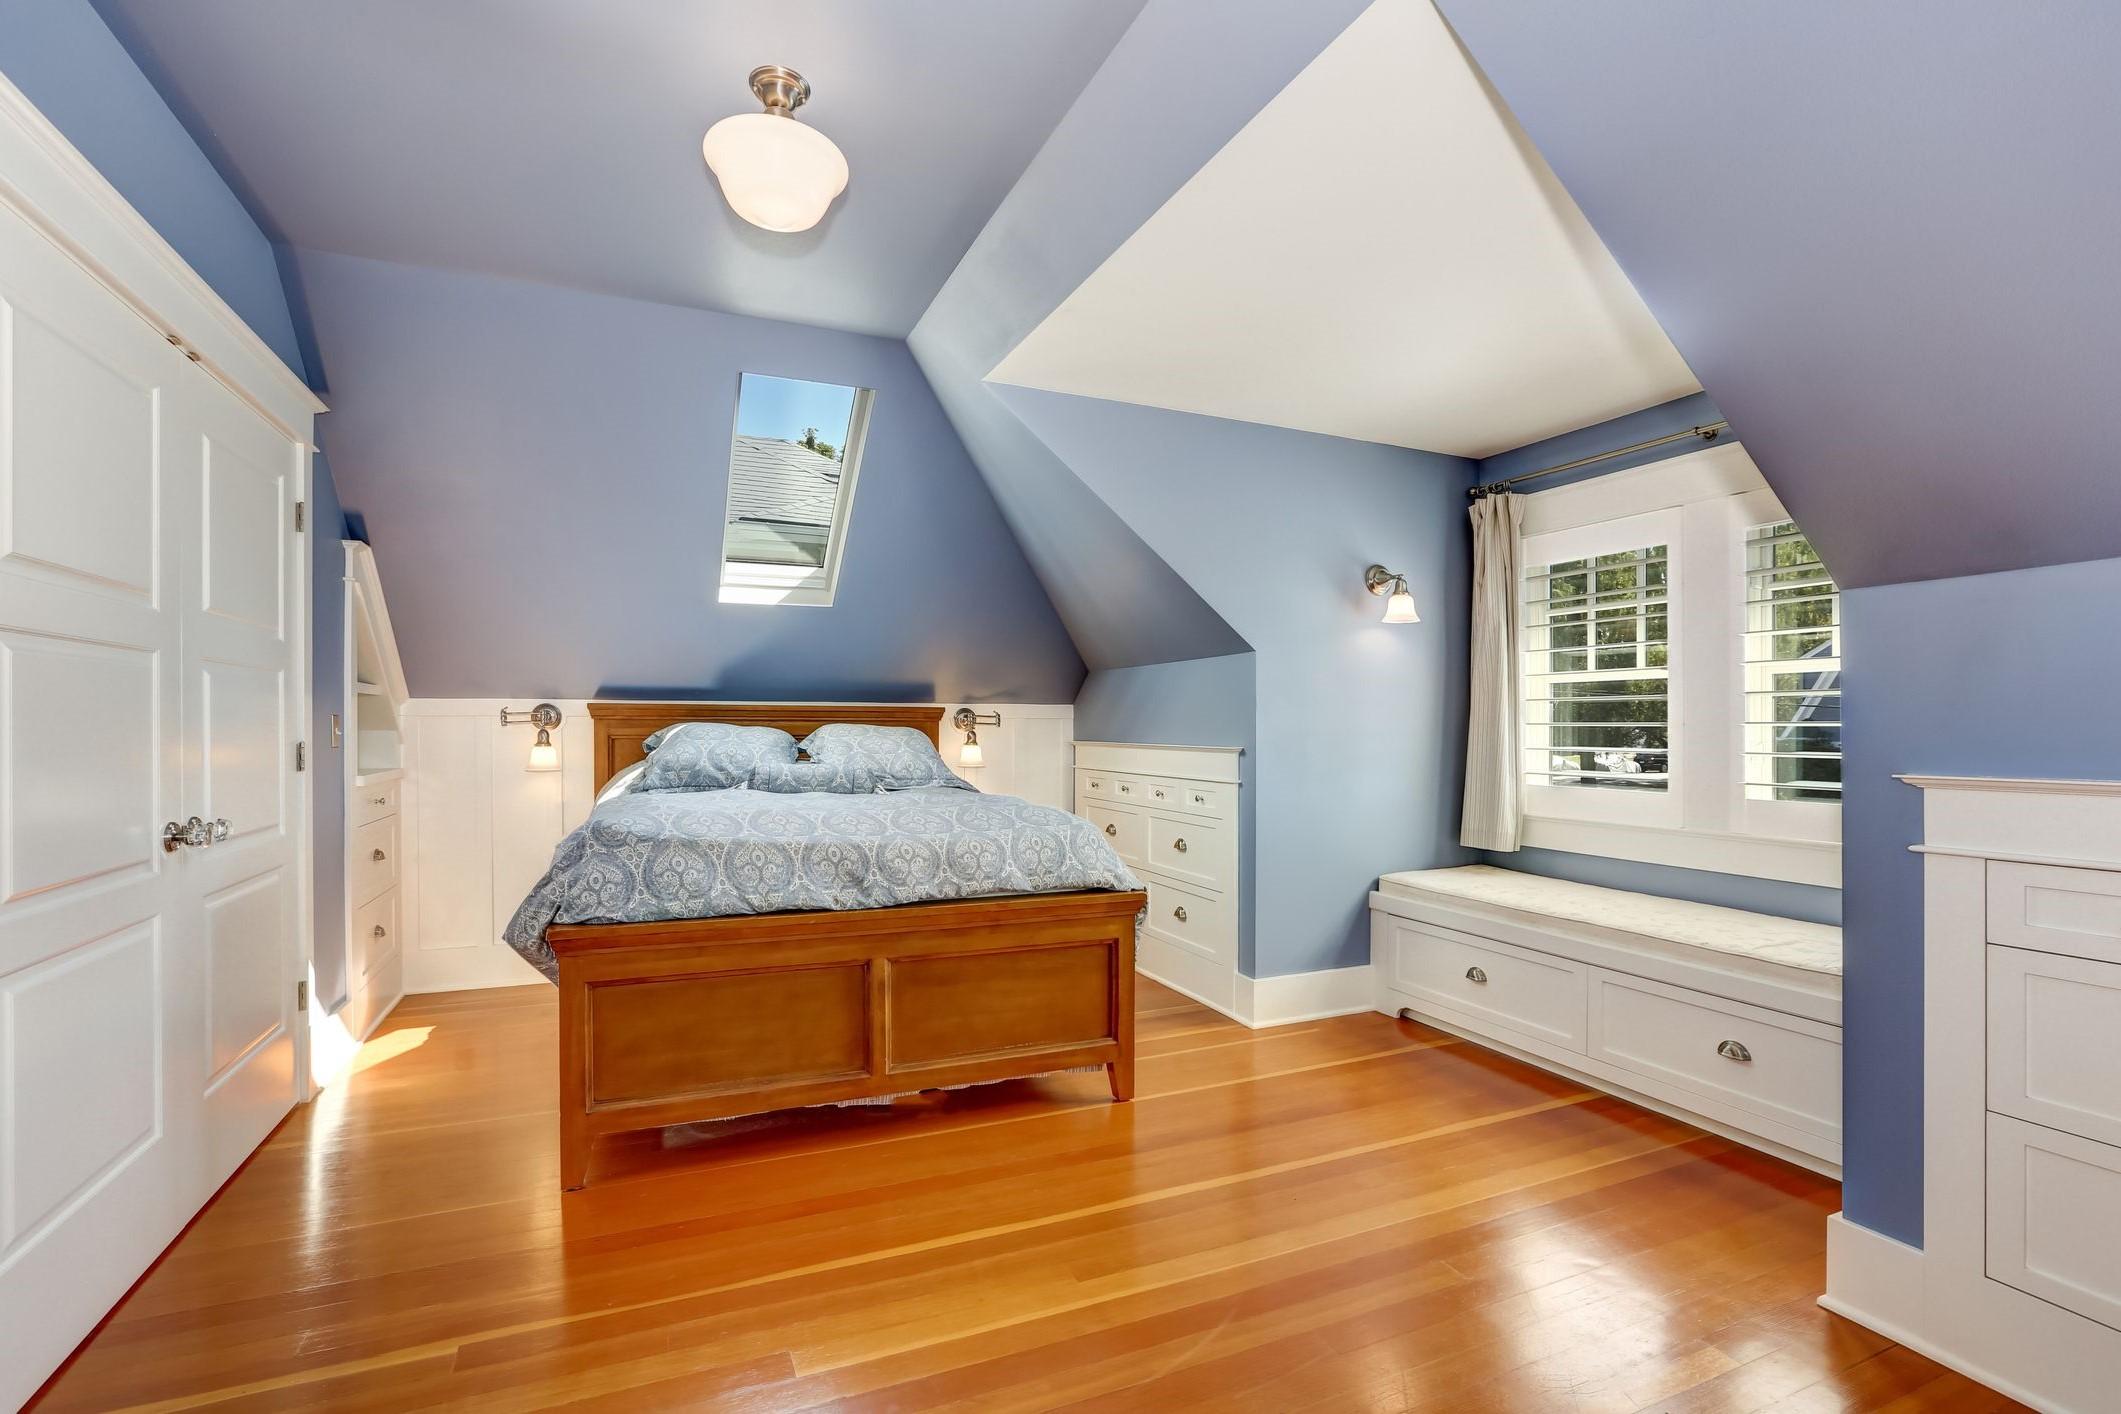 Chambre sous comble: l'accent bleu dans cet espace ajoute également une sensation de rêve.